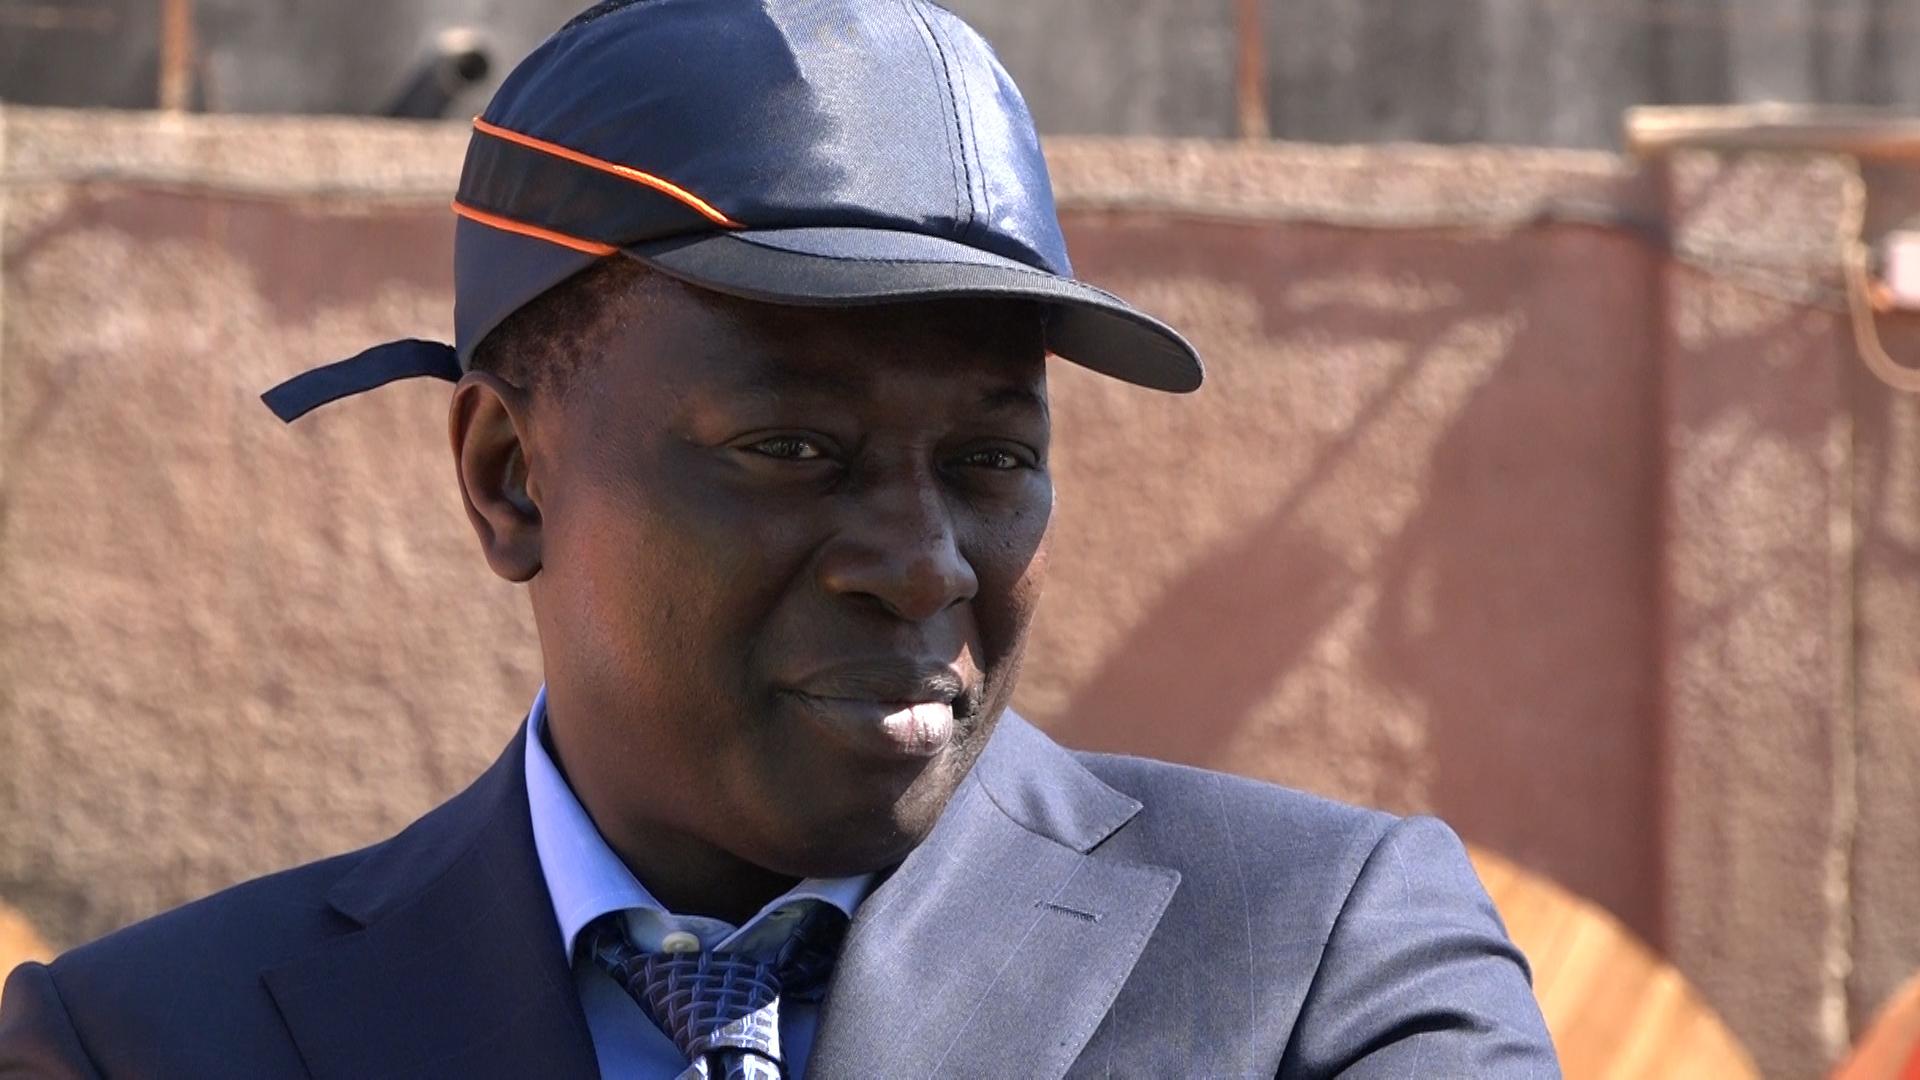 Excellec SA - La société de Pape Alé Guèye fait dans l'excellence, une fierté pour le Sénégal